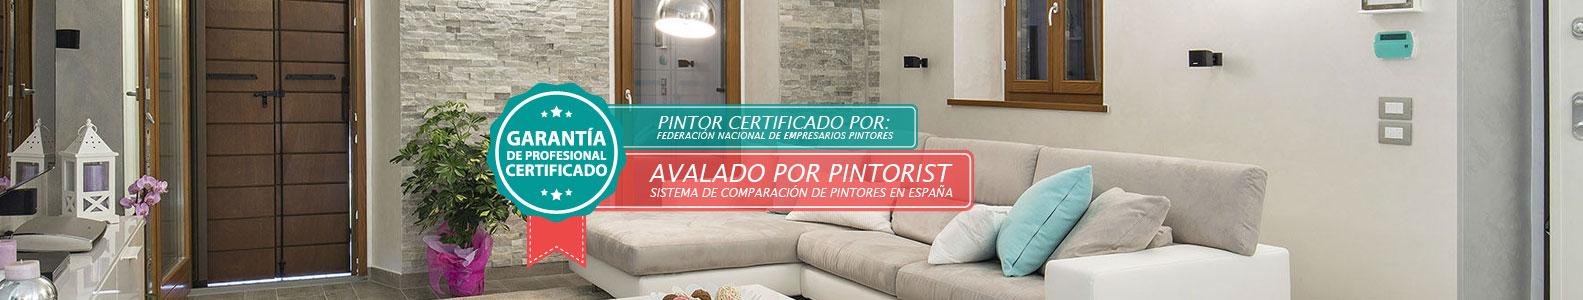 Pintor certificado en la ciudad de Pamplona